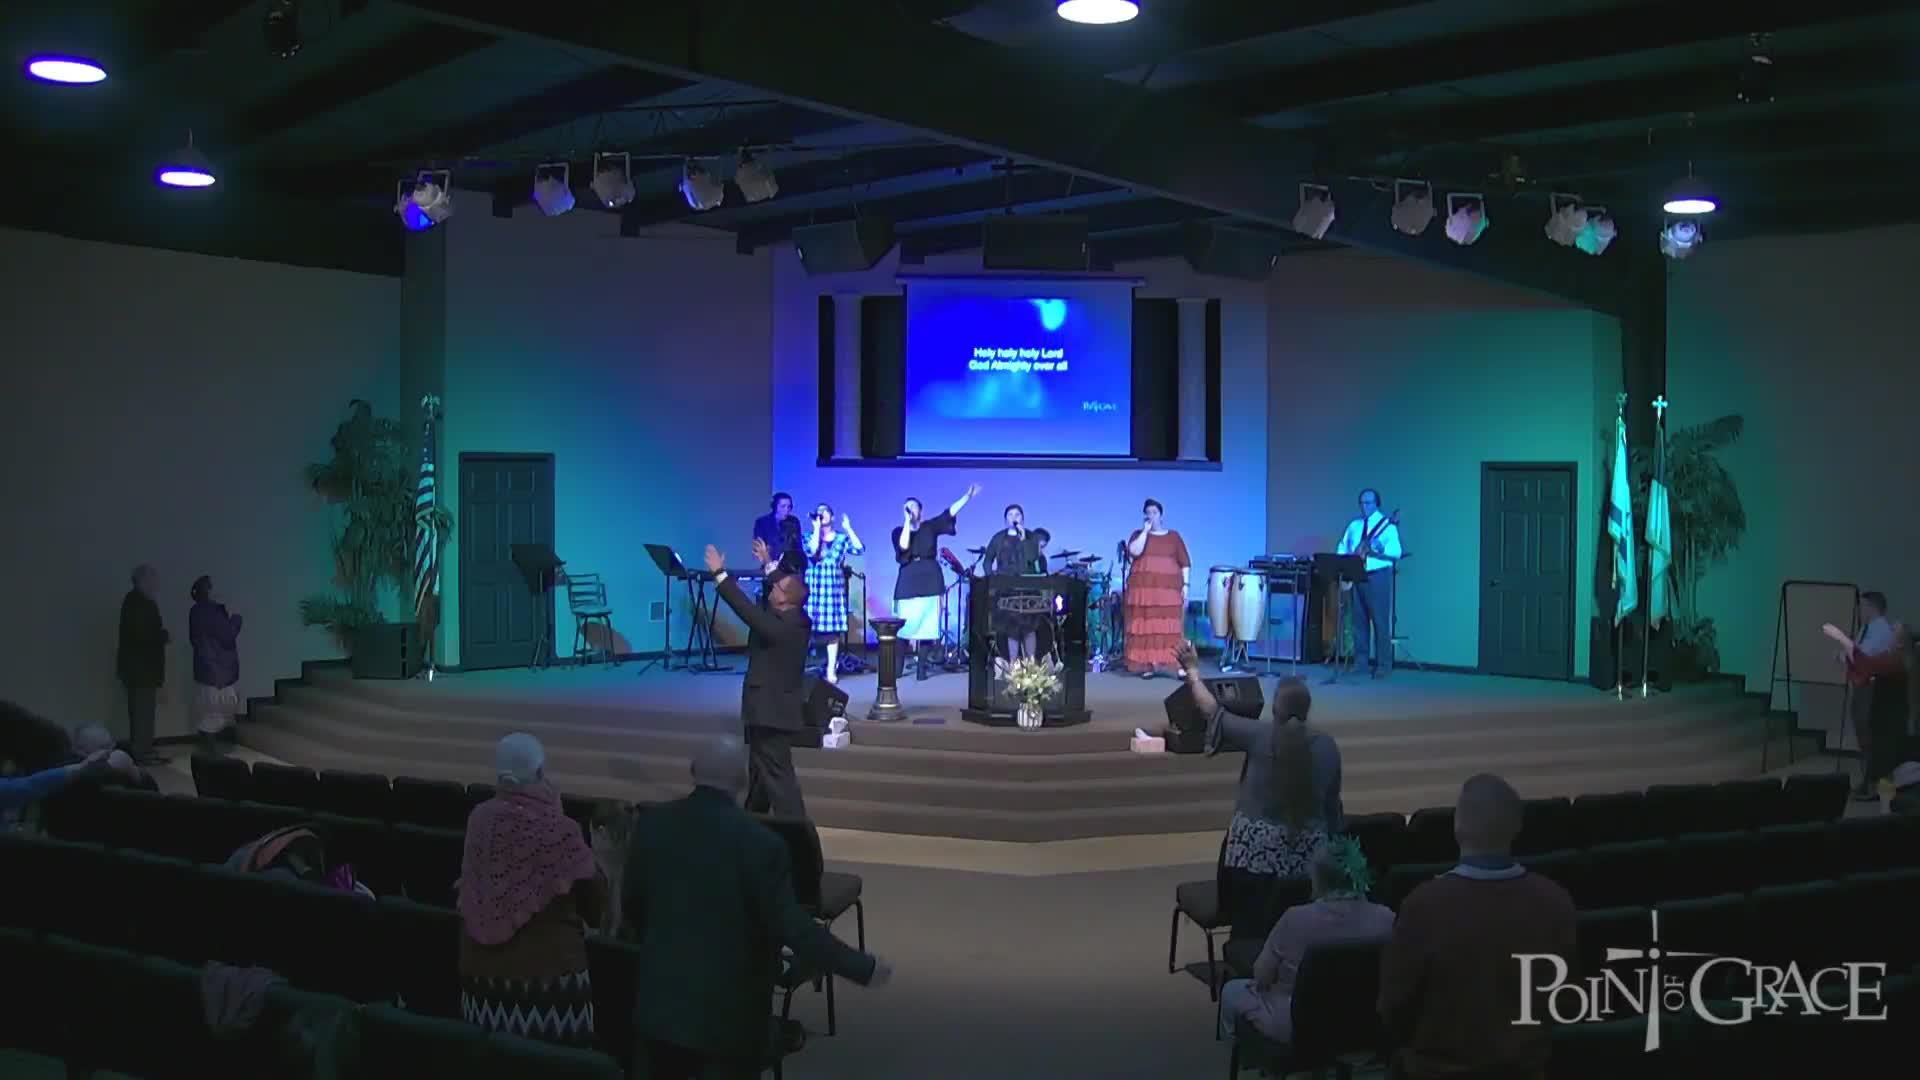 Sunday Worship 03.15.2020